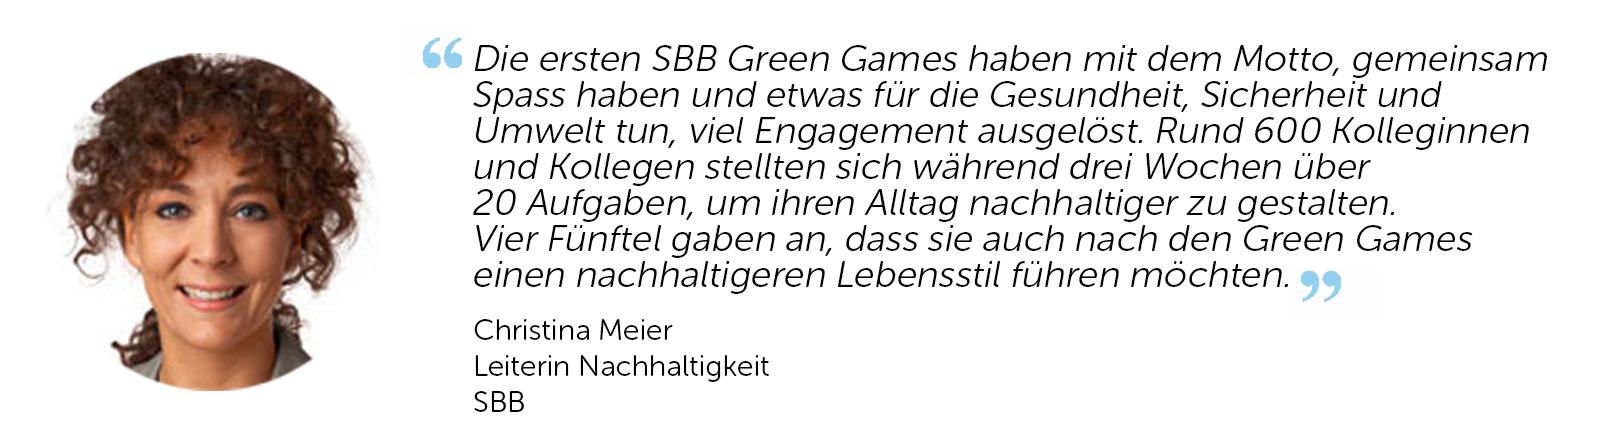 Testimonial SBB.png